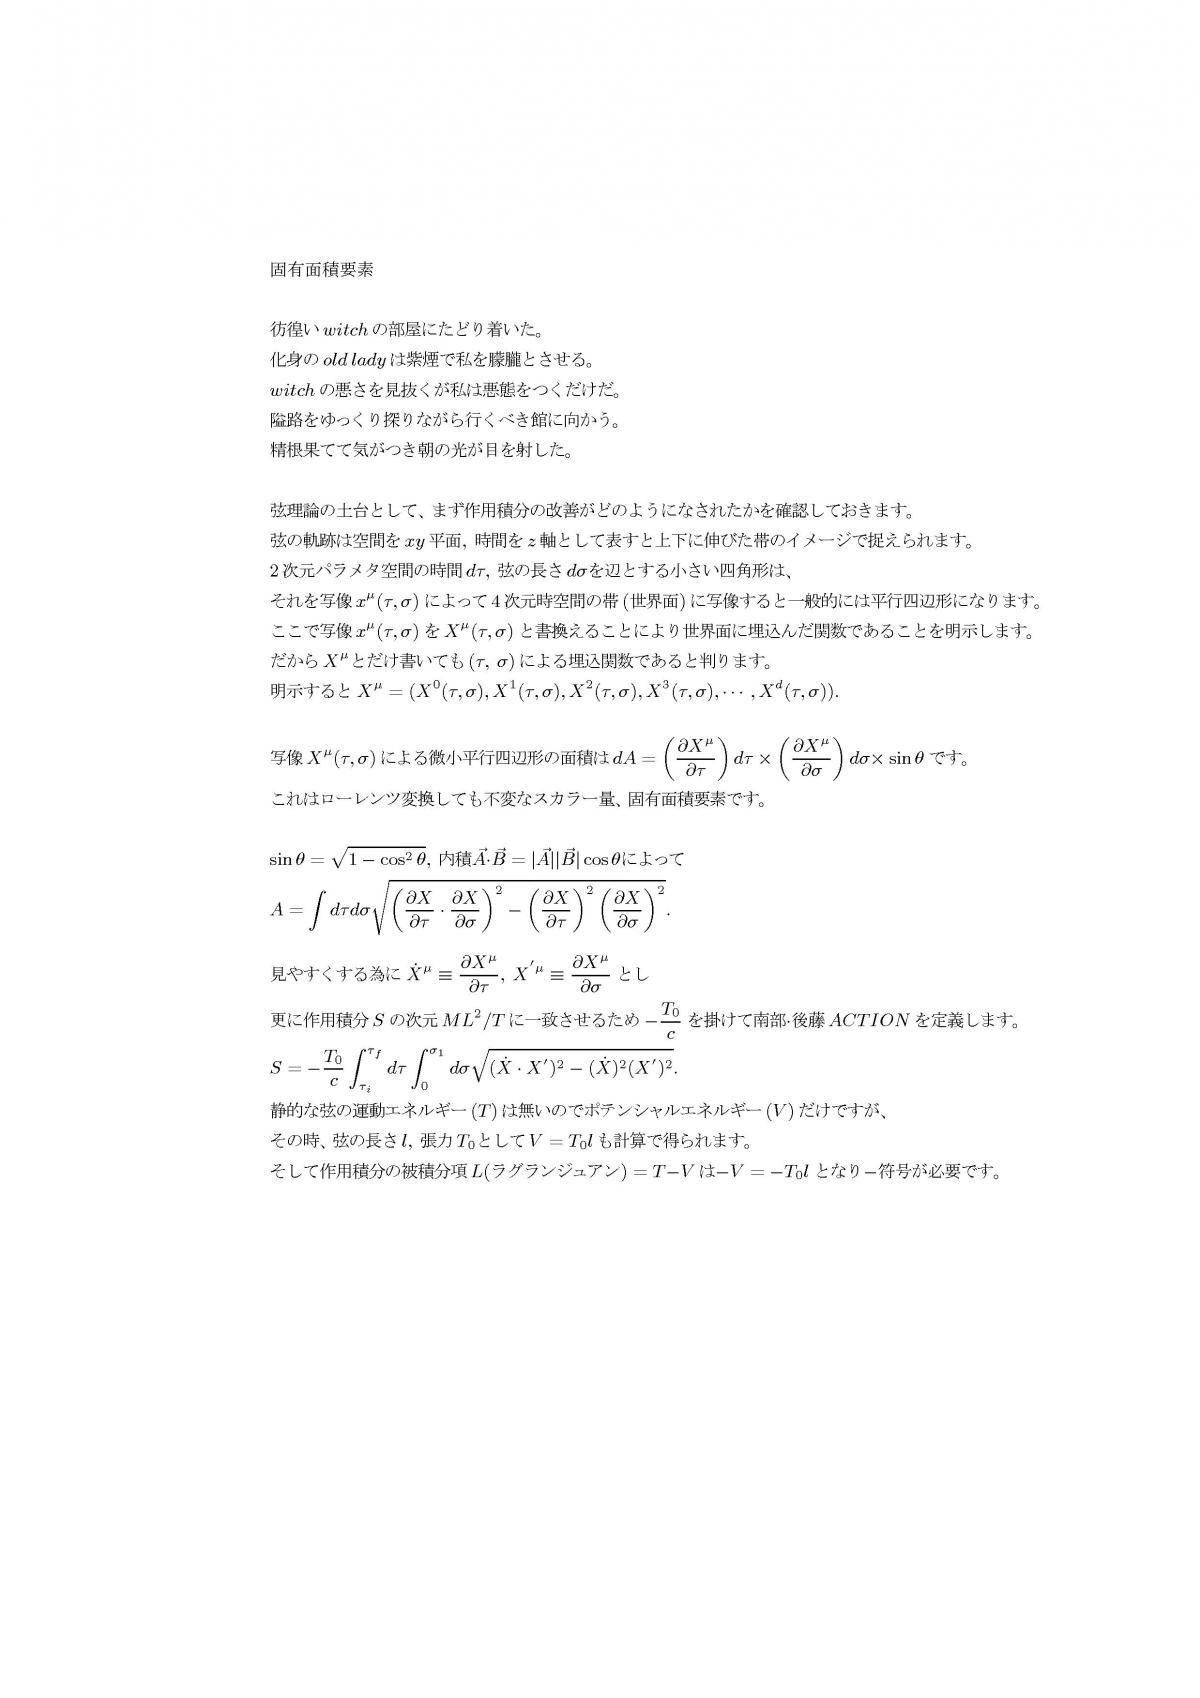 pgen01.jpg